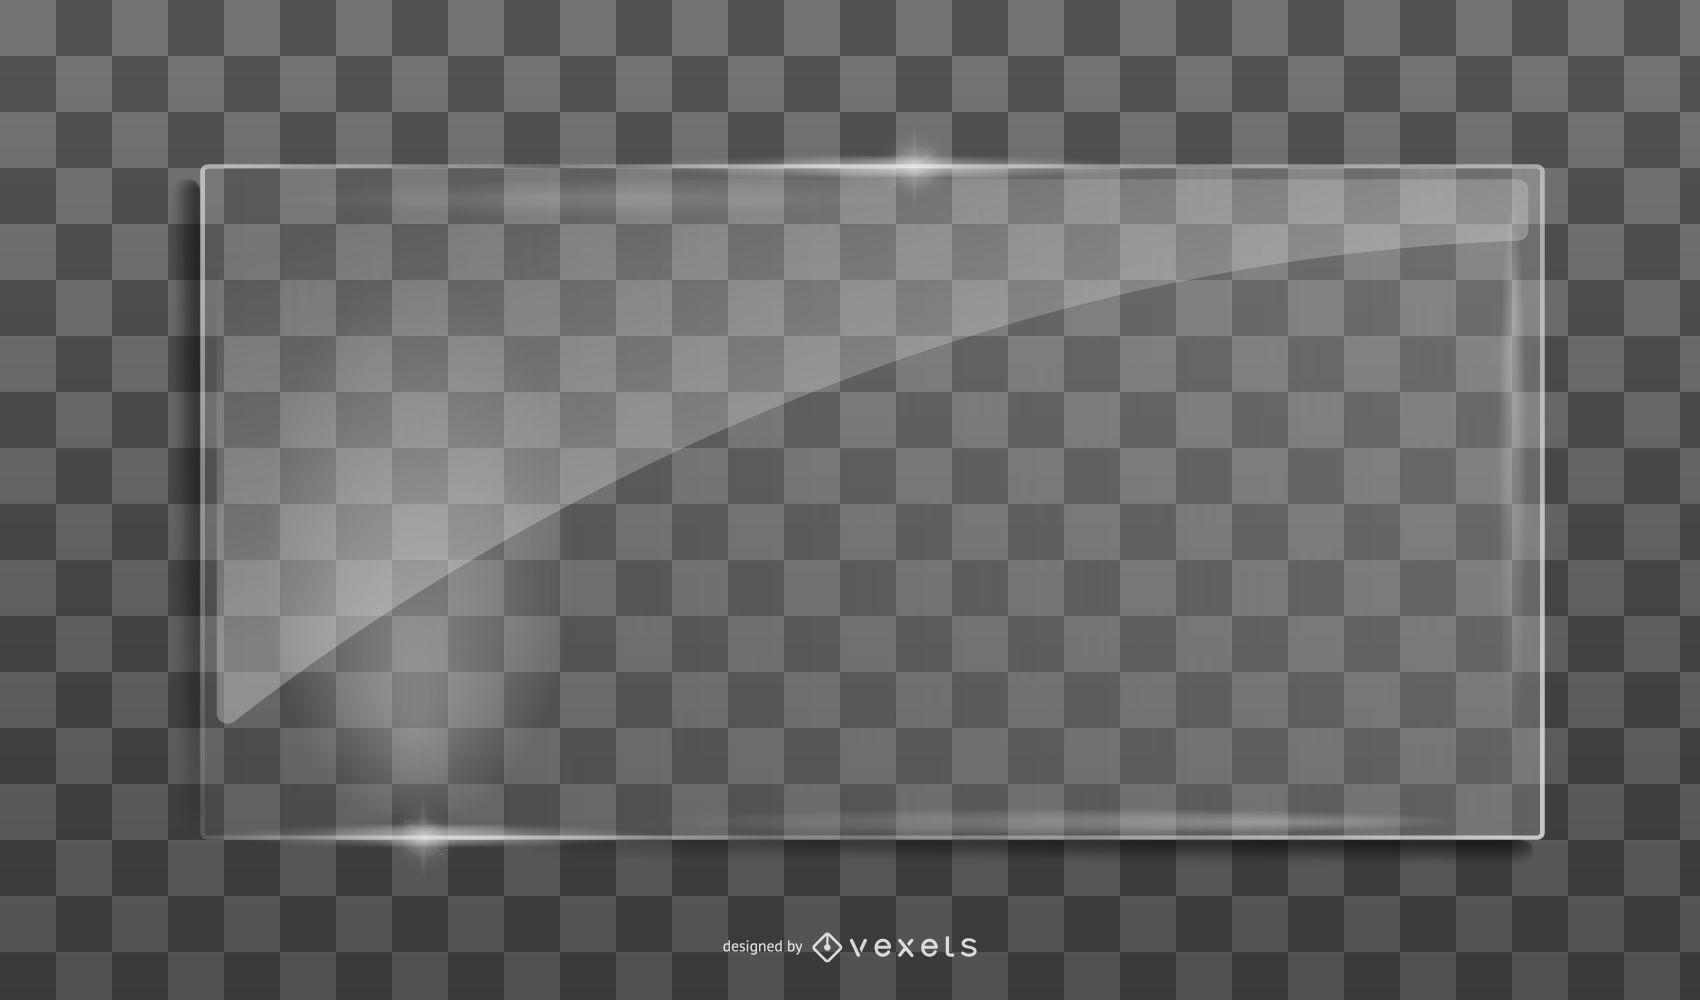 Diseño vectorial de vidrio